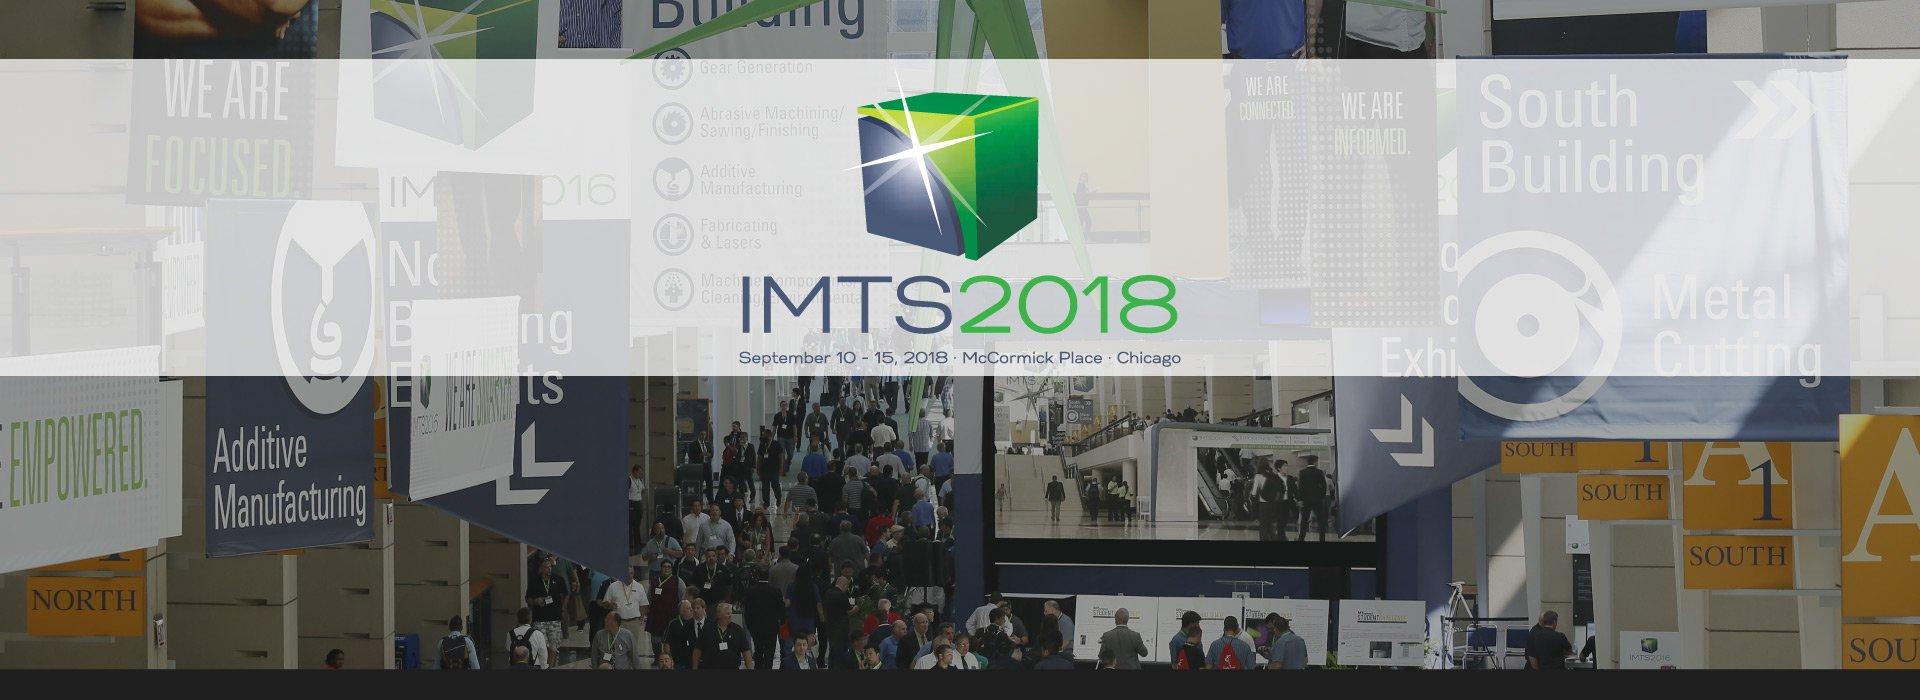 Meredith Machinery IMTS 2018